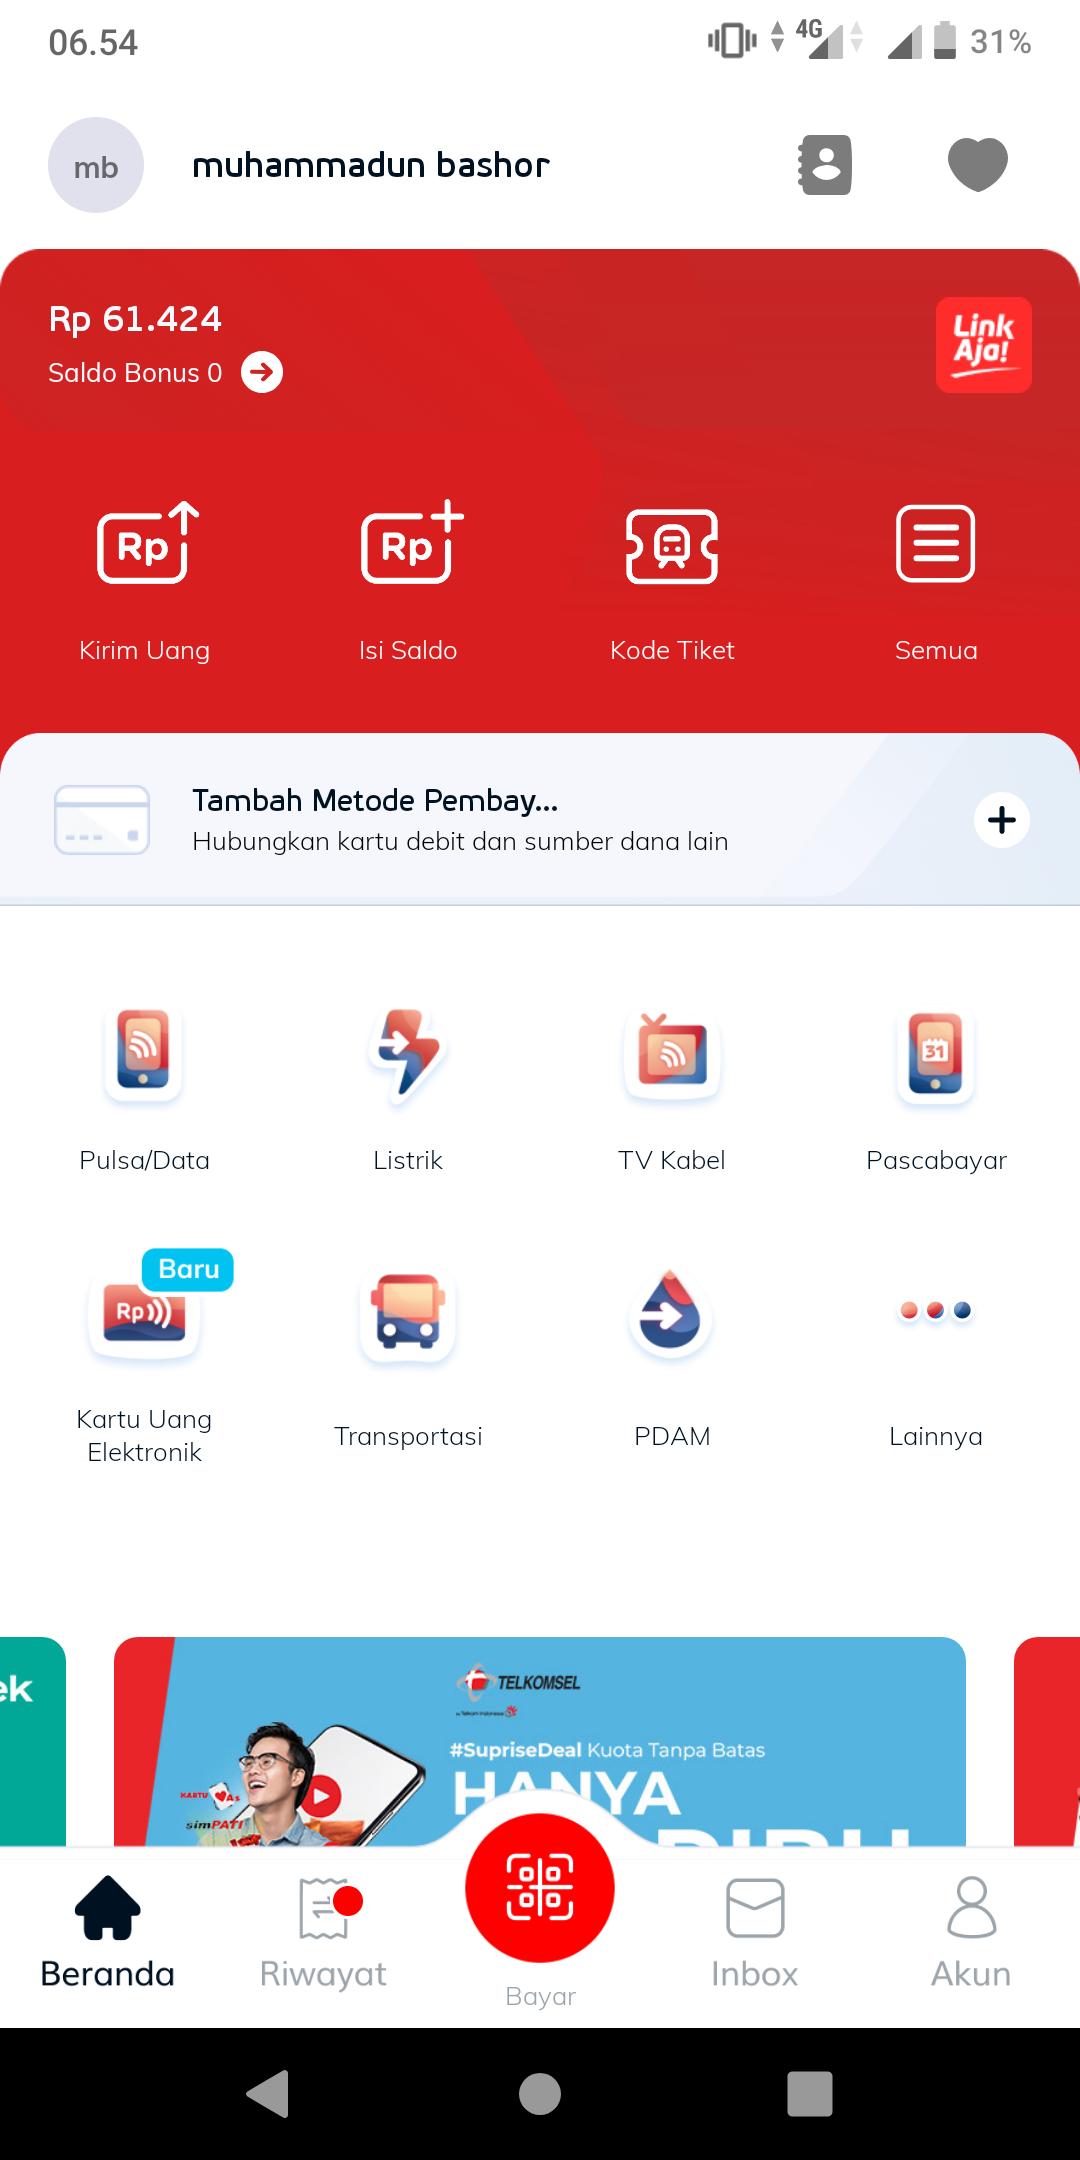 Aplikasi yang Wajib di Install di Android, Nggak Nginstall Nyesel